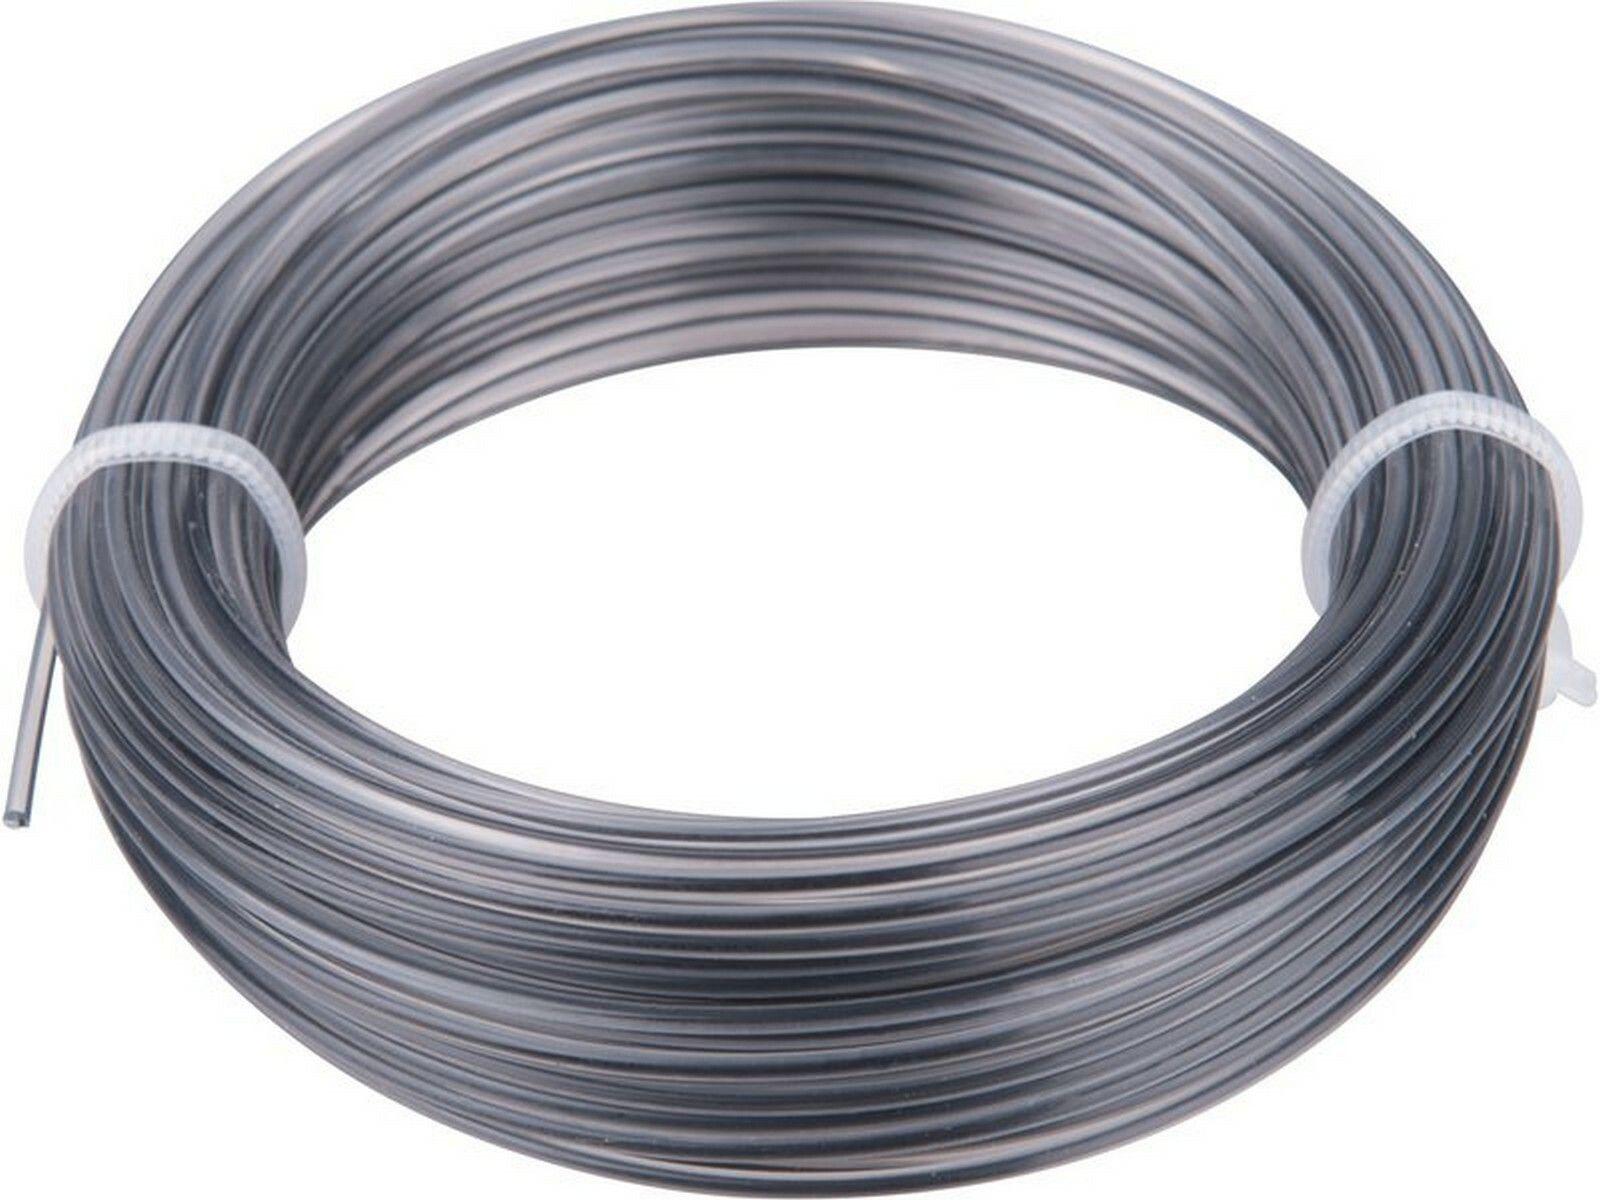 Žací struna do sekačky s jádrem, kruhový profil, pr. 1,3mmx15m, PA66 EXTOL PREMIUM